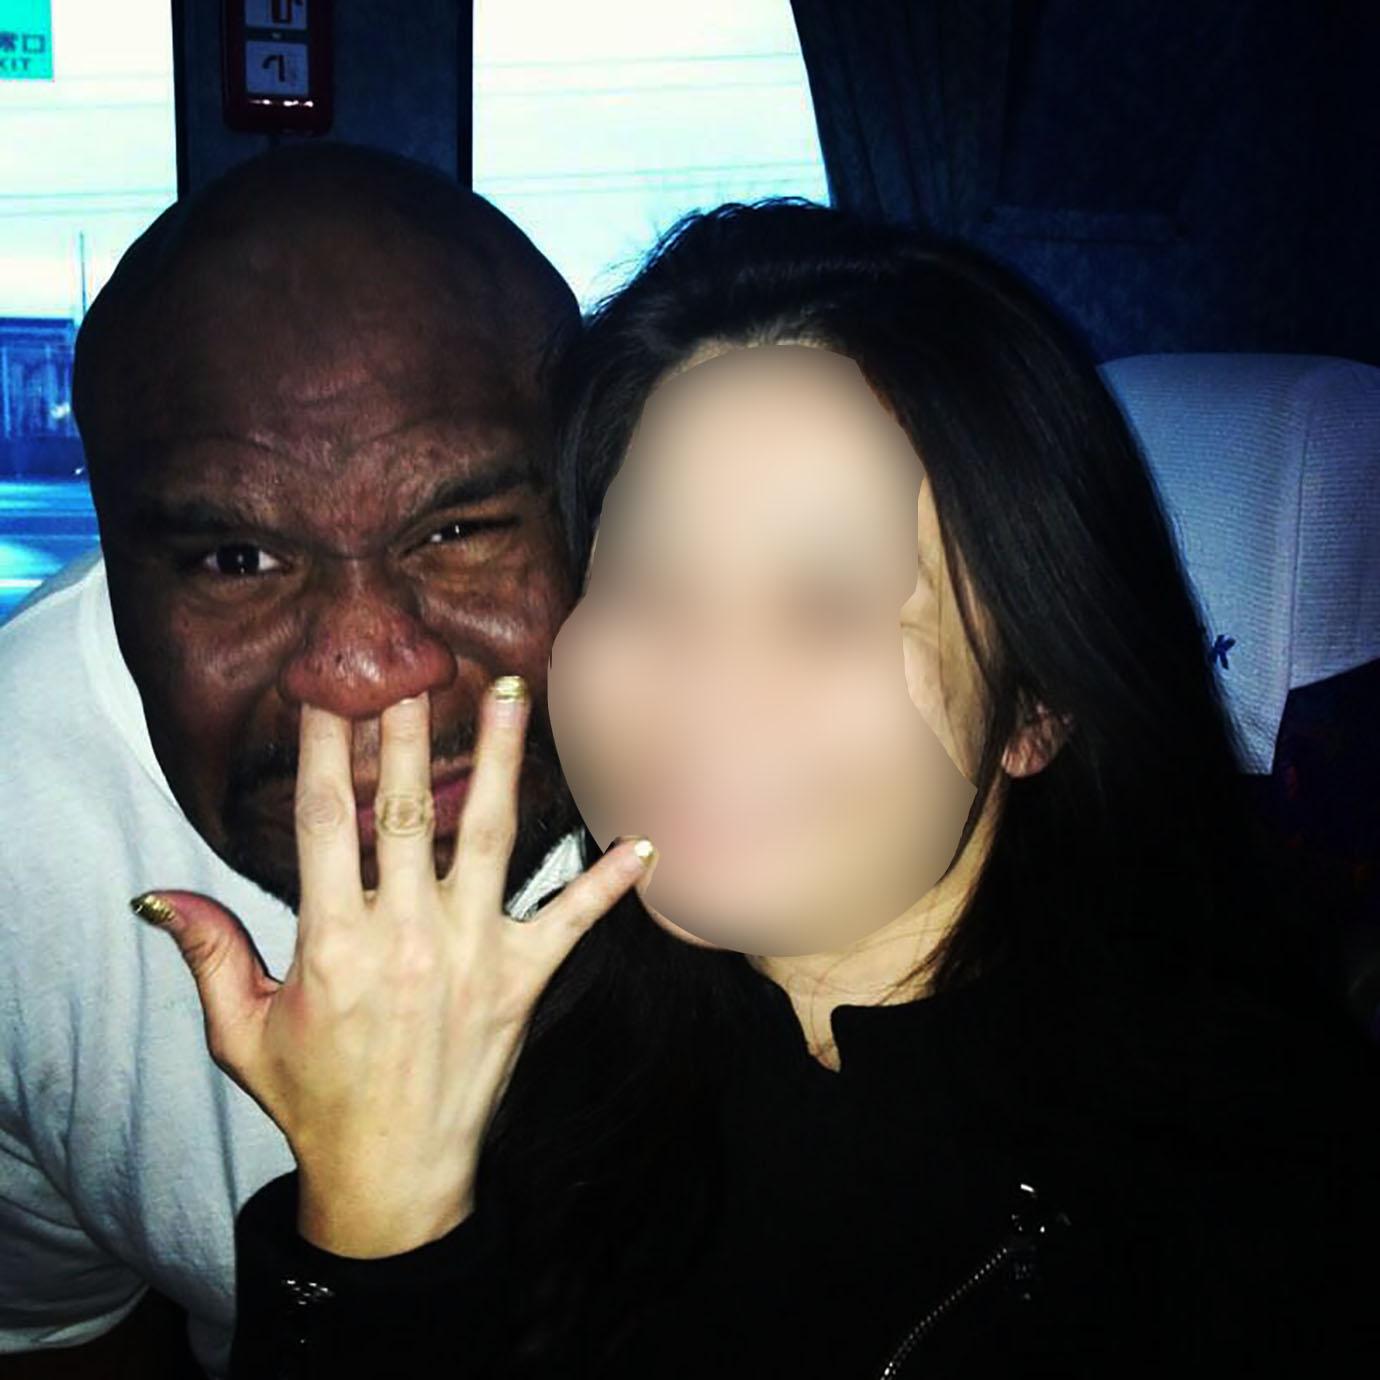 暴行事件 暴力男ボブサップから6年間も流血dvされ続けた女性 その壮絶